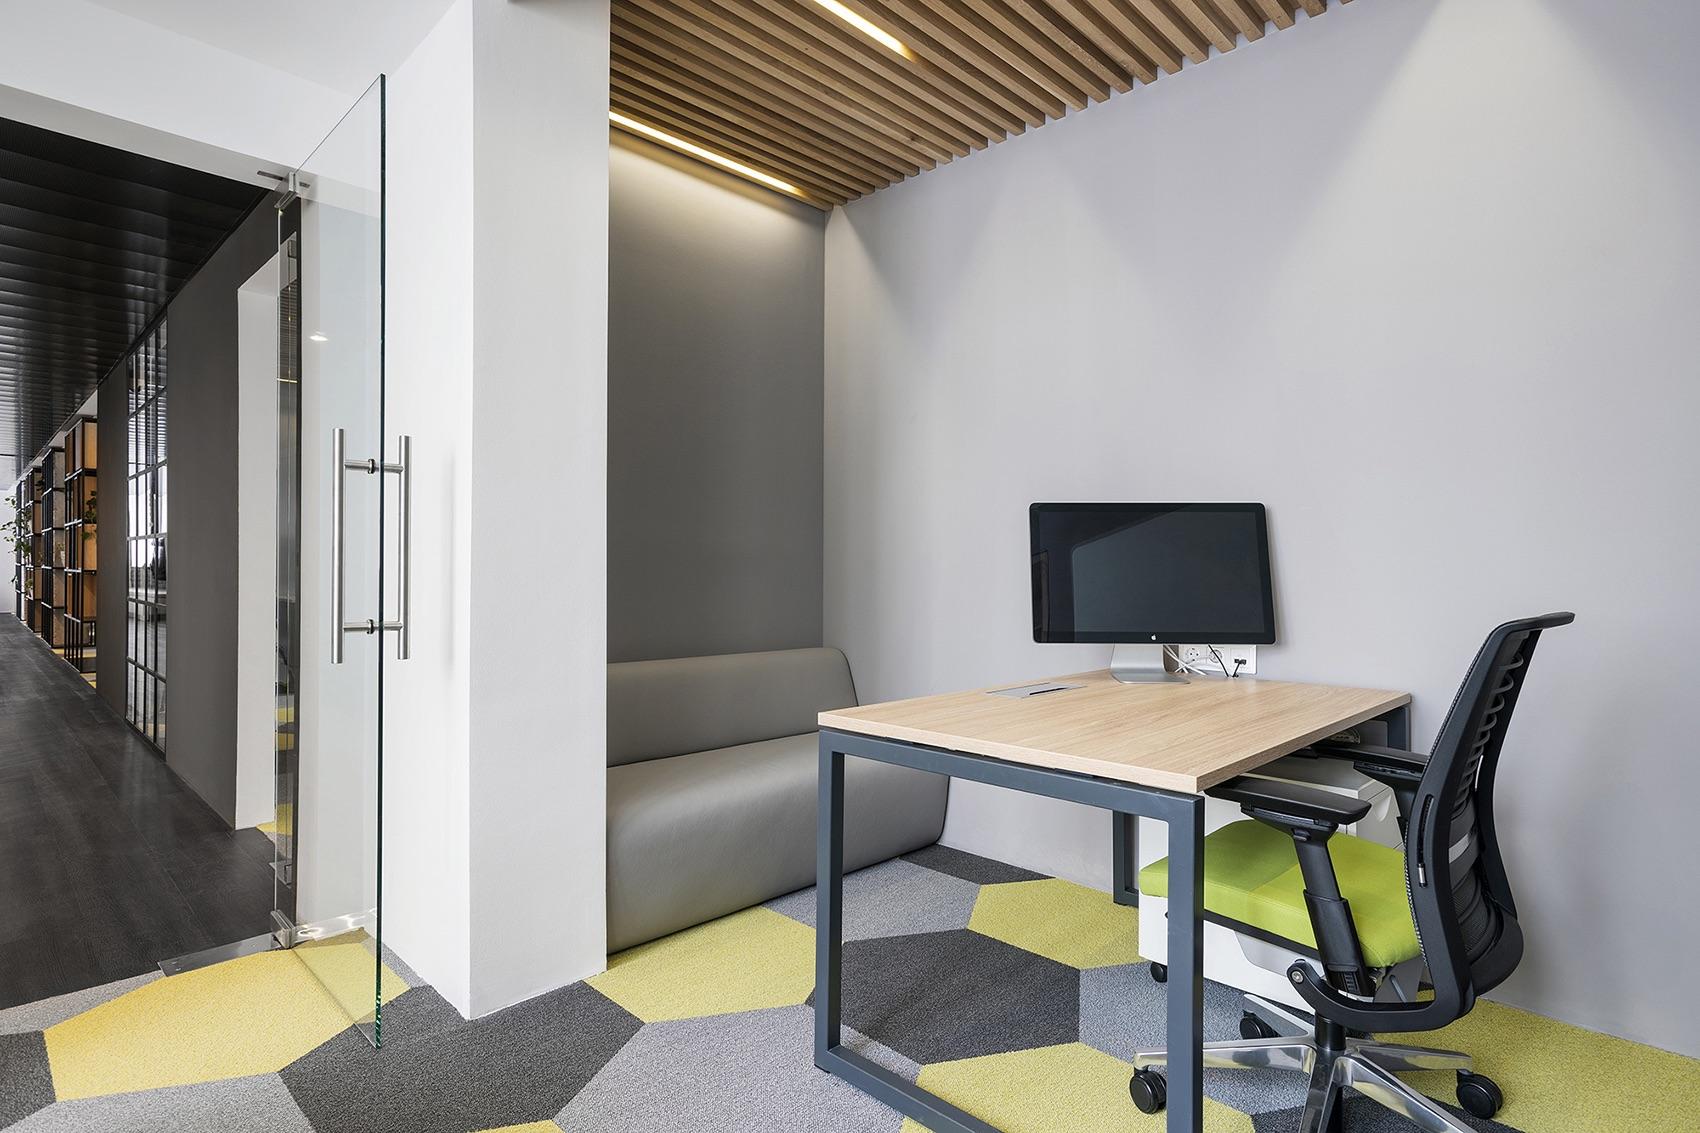 hortonworks-office-budapest-12